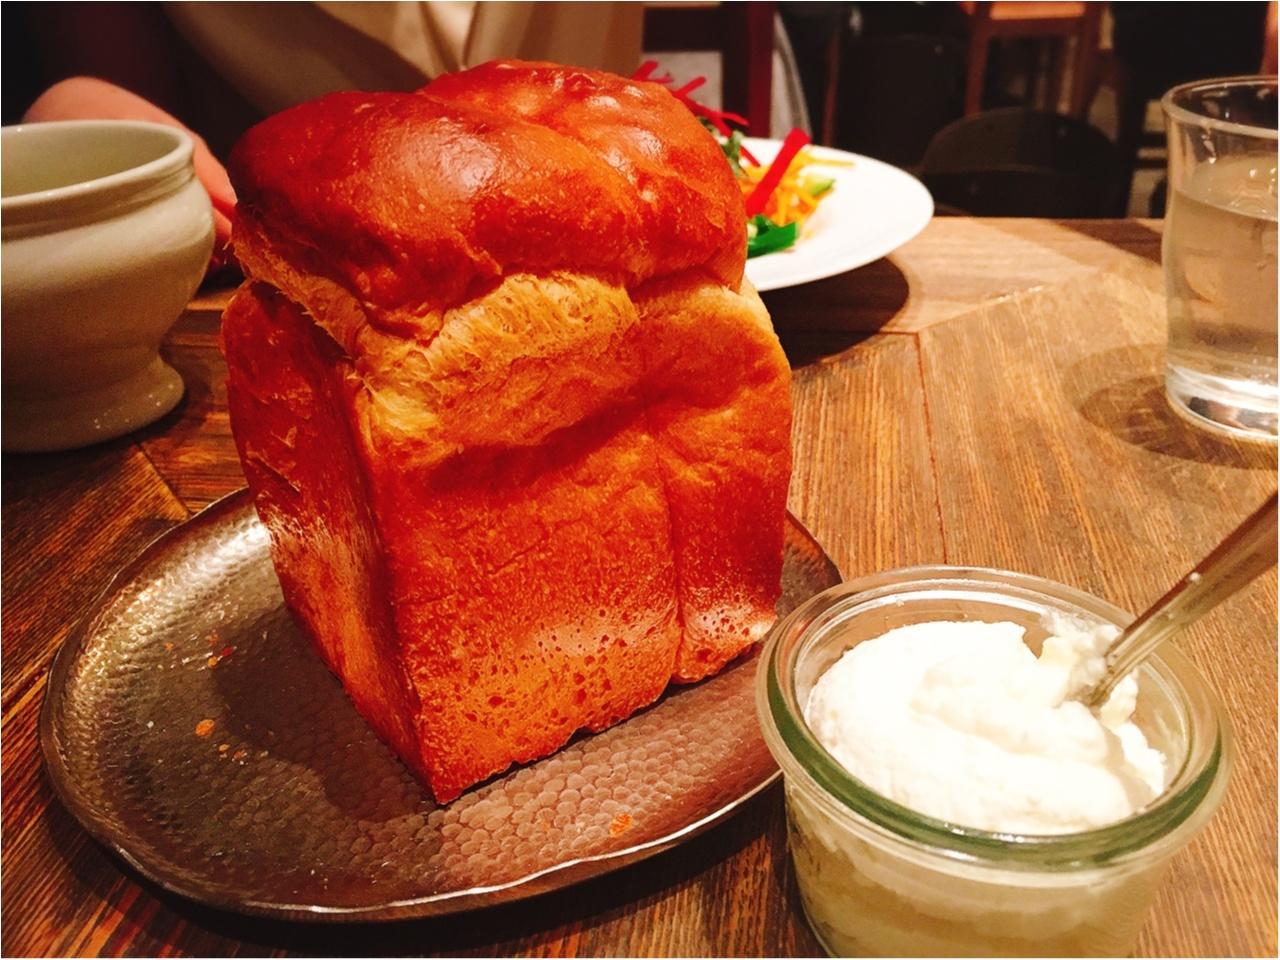 【東京の美味しいパン屋巡り】〜パン好き必見!『池袋・RACINES(ラシーヌ)』のパンがメインの休日ランチ〜_3